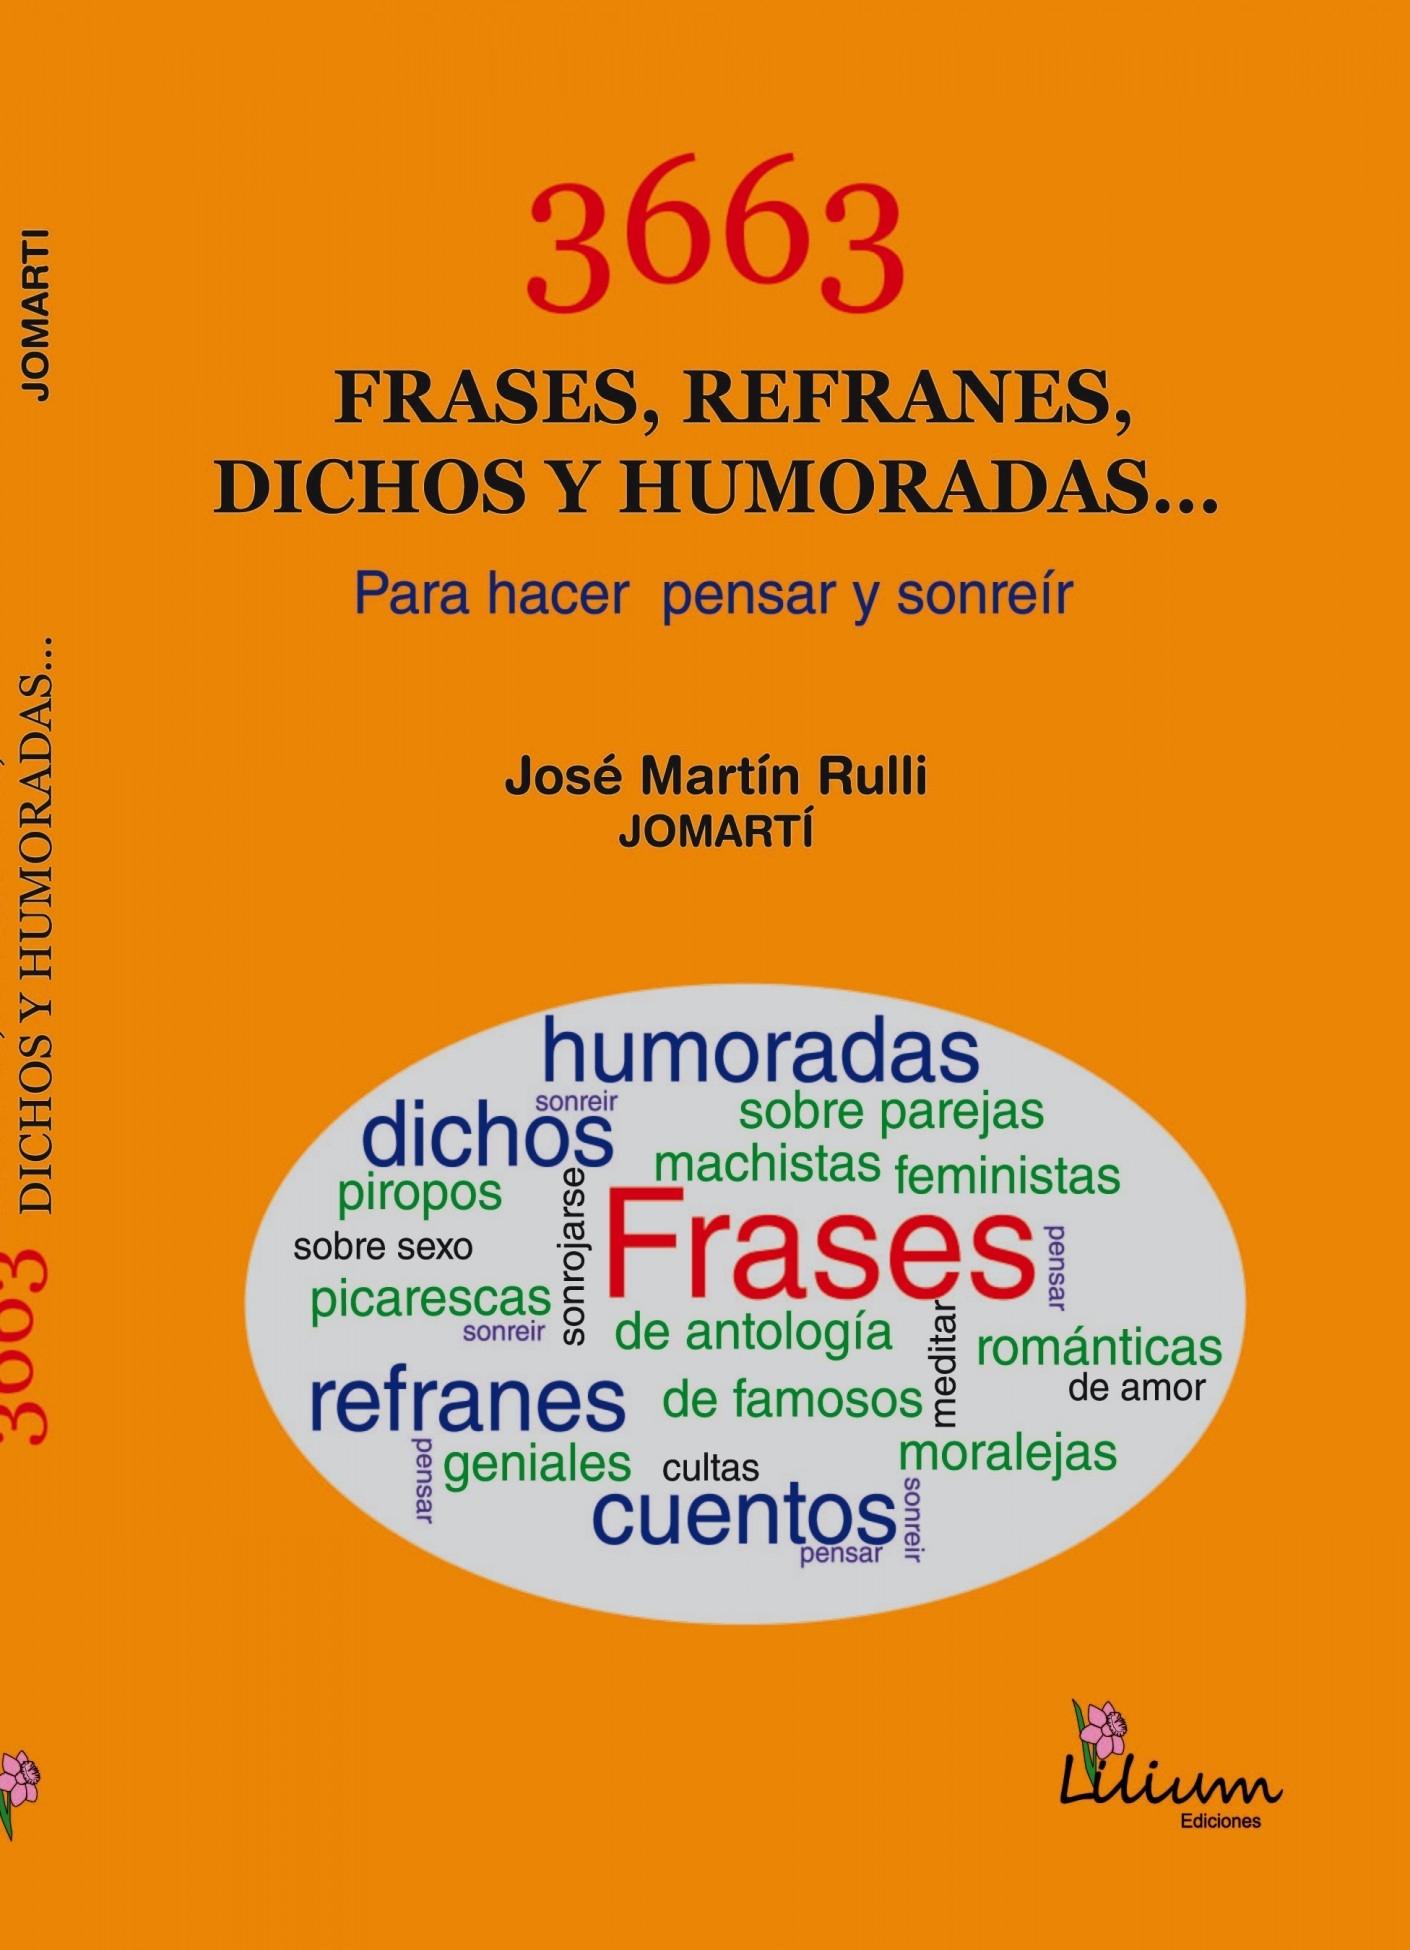 3663 Frases Refranes Dichos Y Humoradas Para Hacer Pensar Y Sonreír